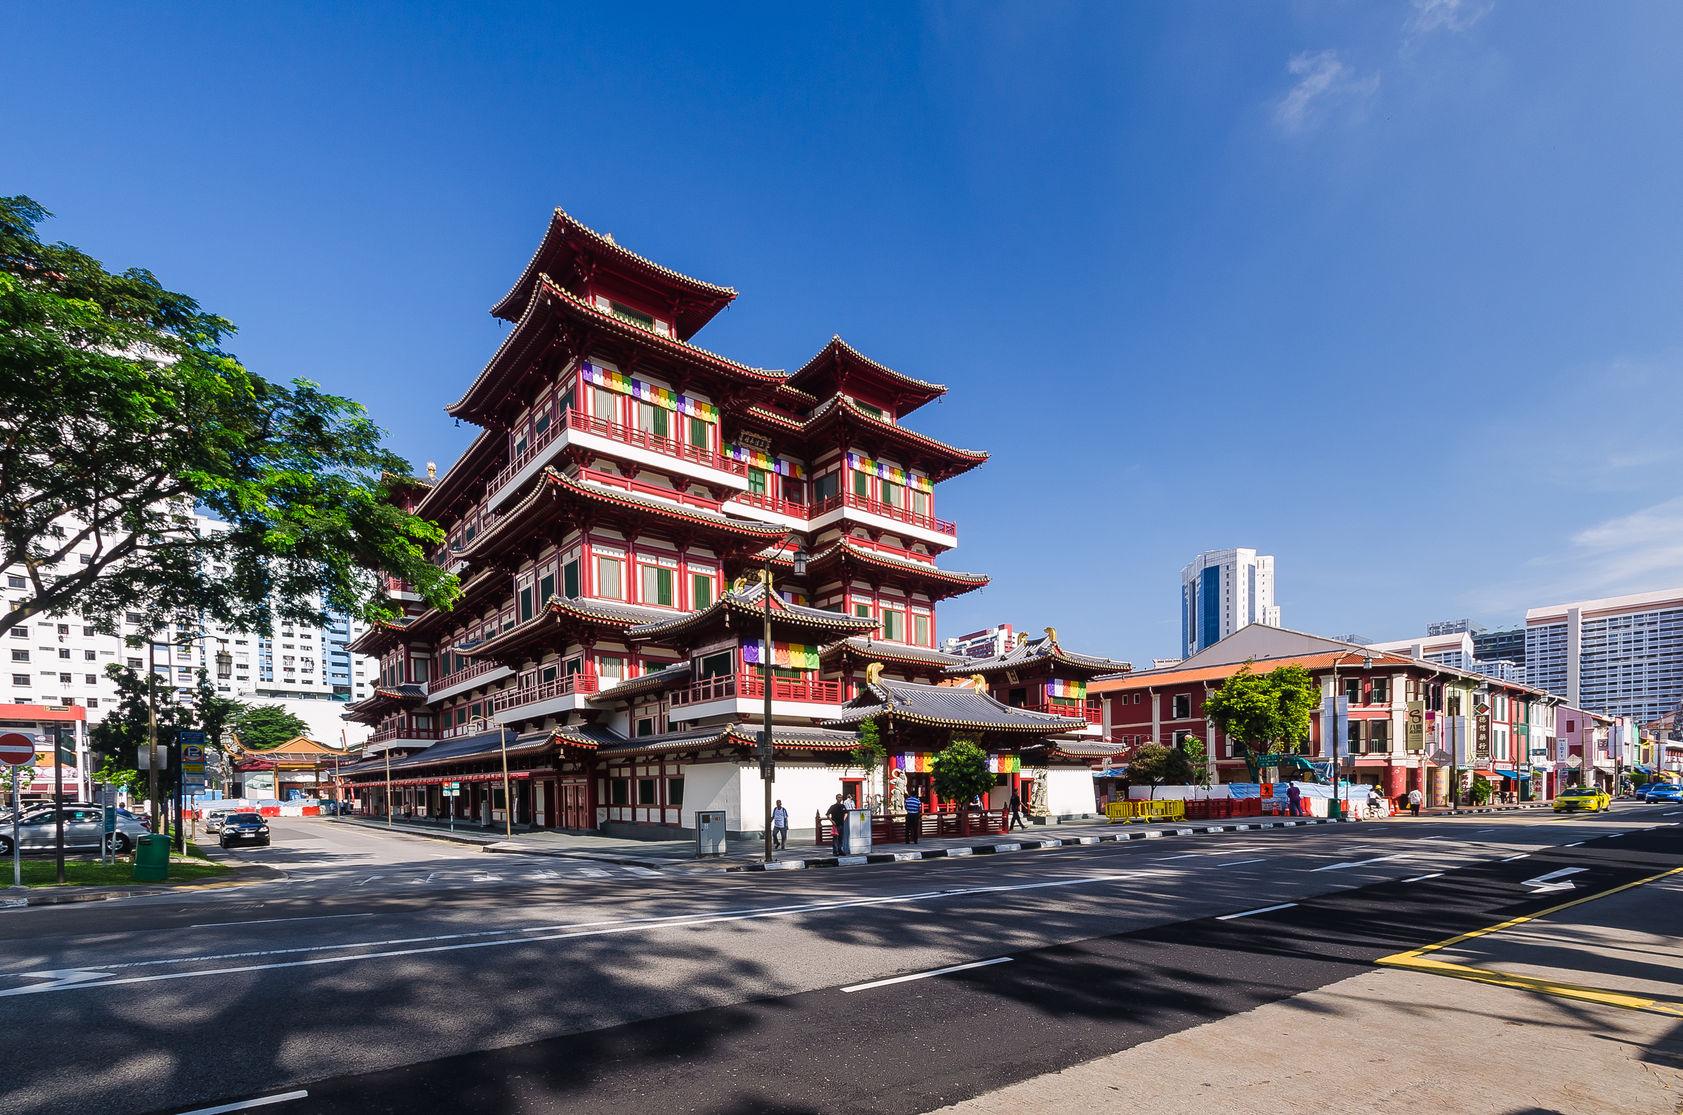 北京到新加坡旅游线路_北京到新加坡旅游价格